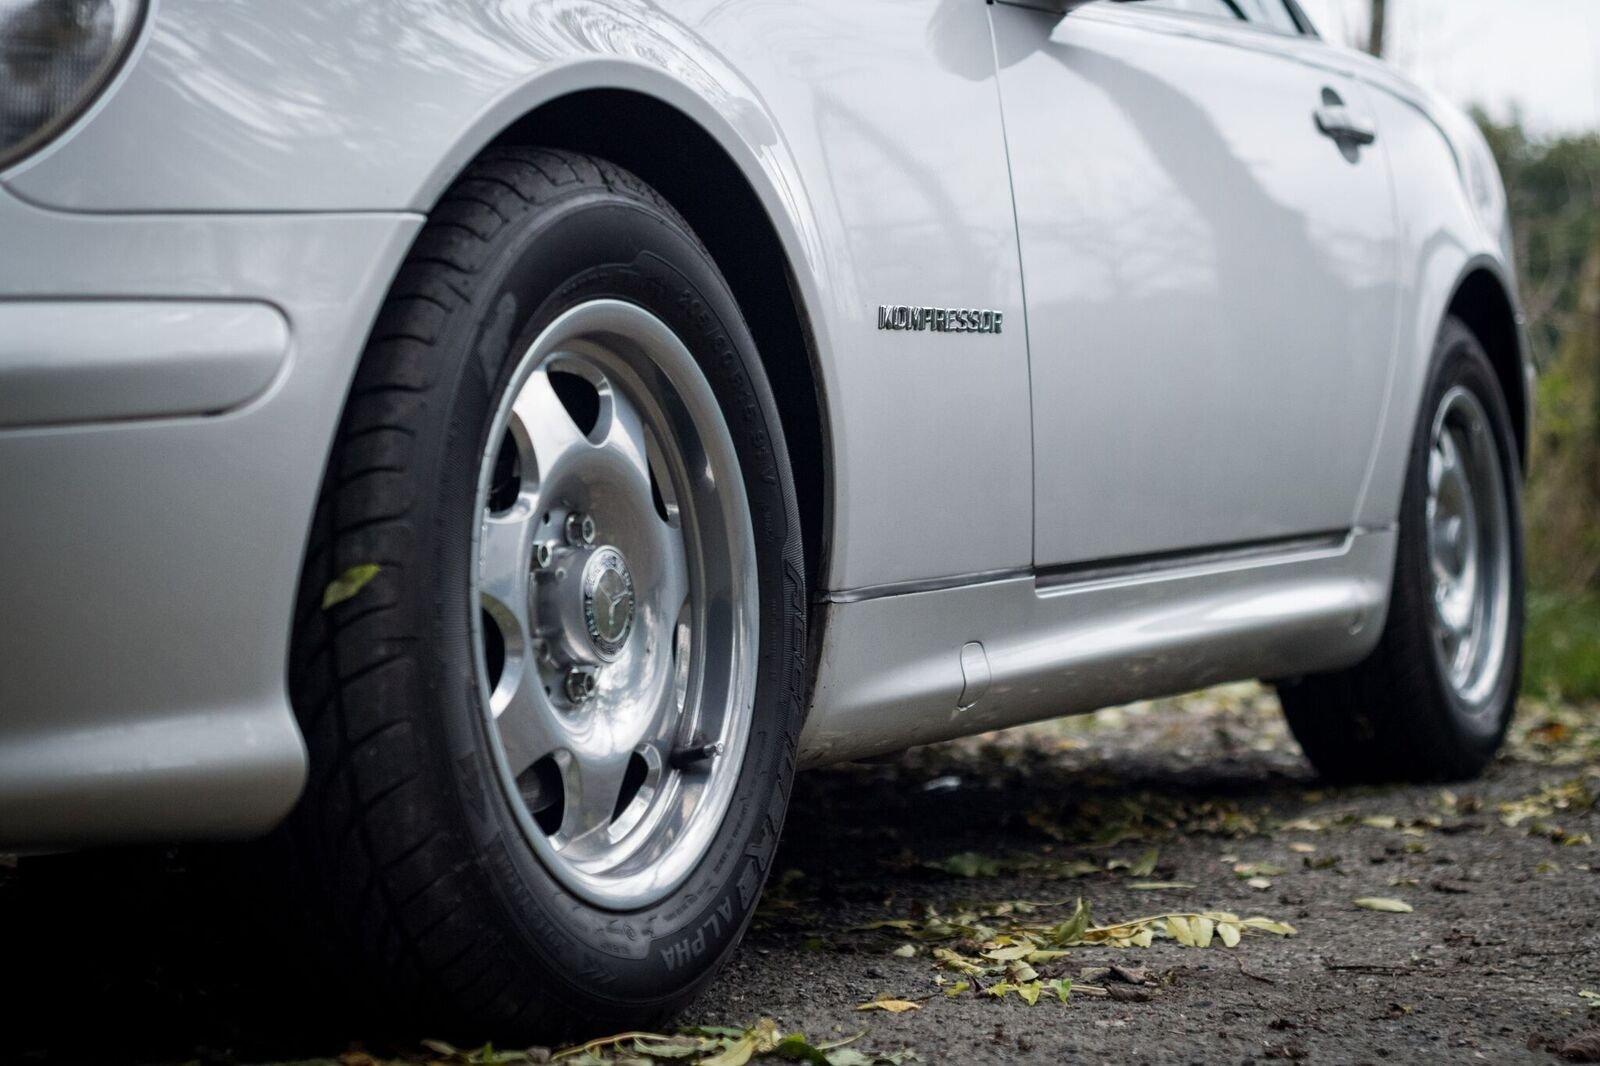 Mercedes SLK200 Kompressor Convertible   2004 For Sale (picture 2 of 6)